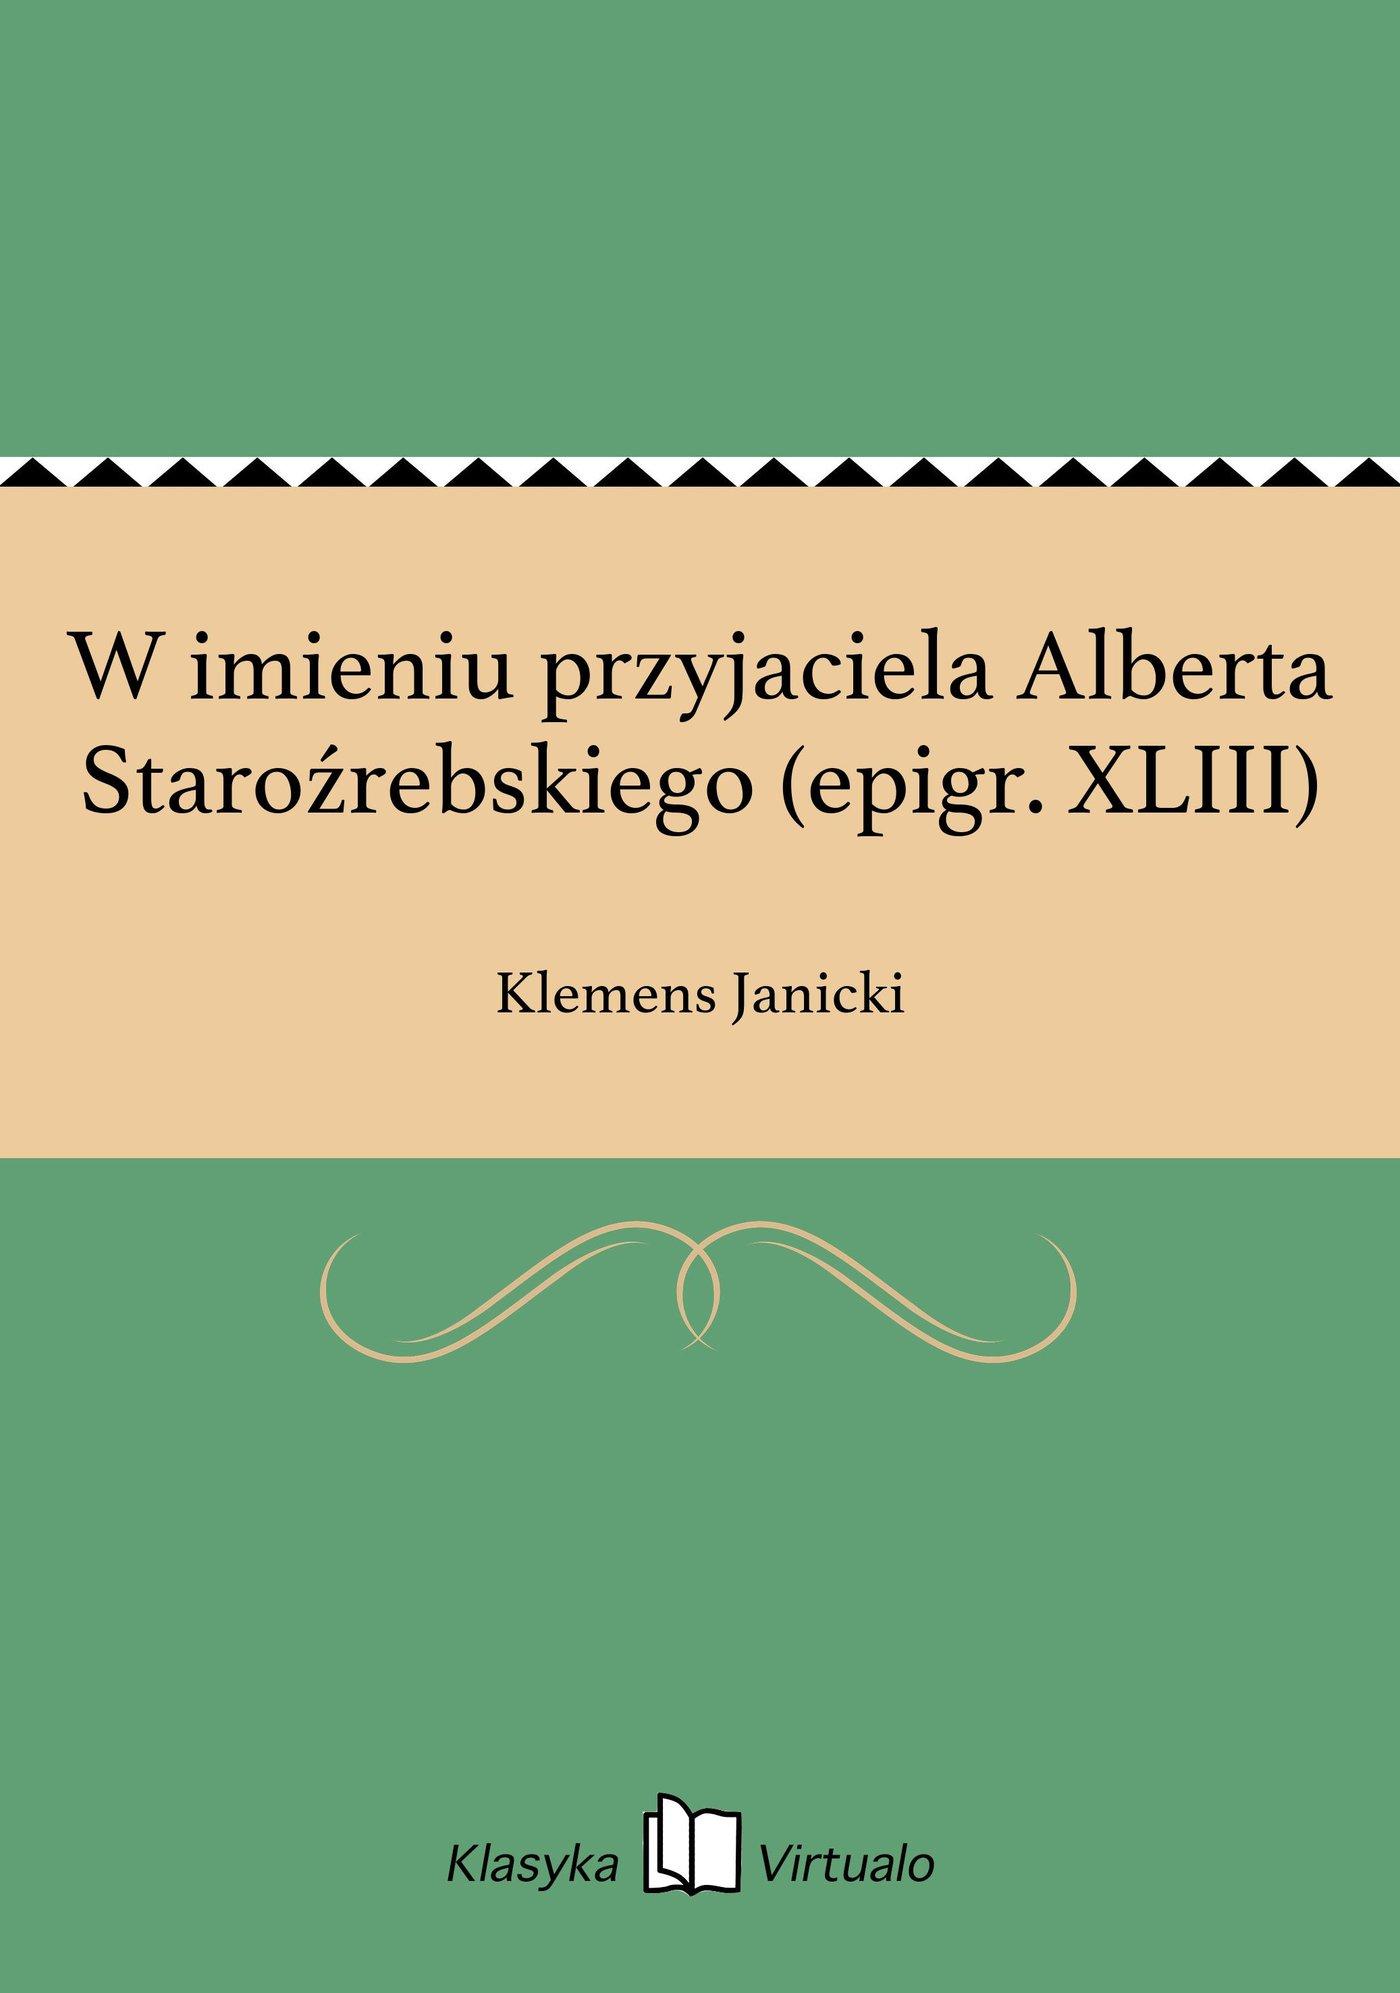 W imieniu przyjaciela Alberta Staroźrebskiego (epigr. XLIII) - Ebook (Książka EPUB) do pobrania w formacie EPUB